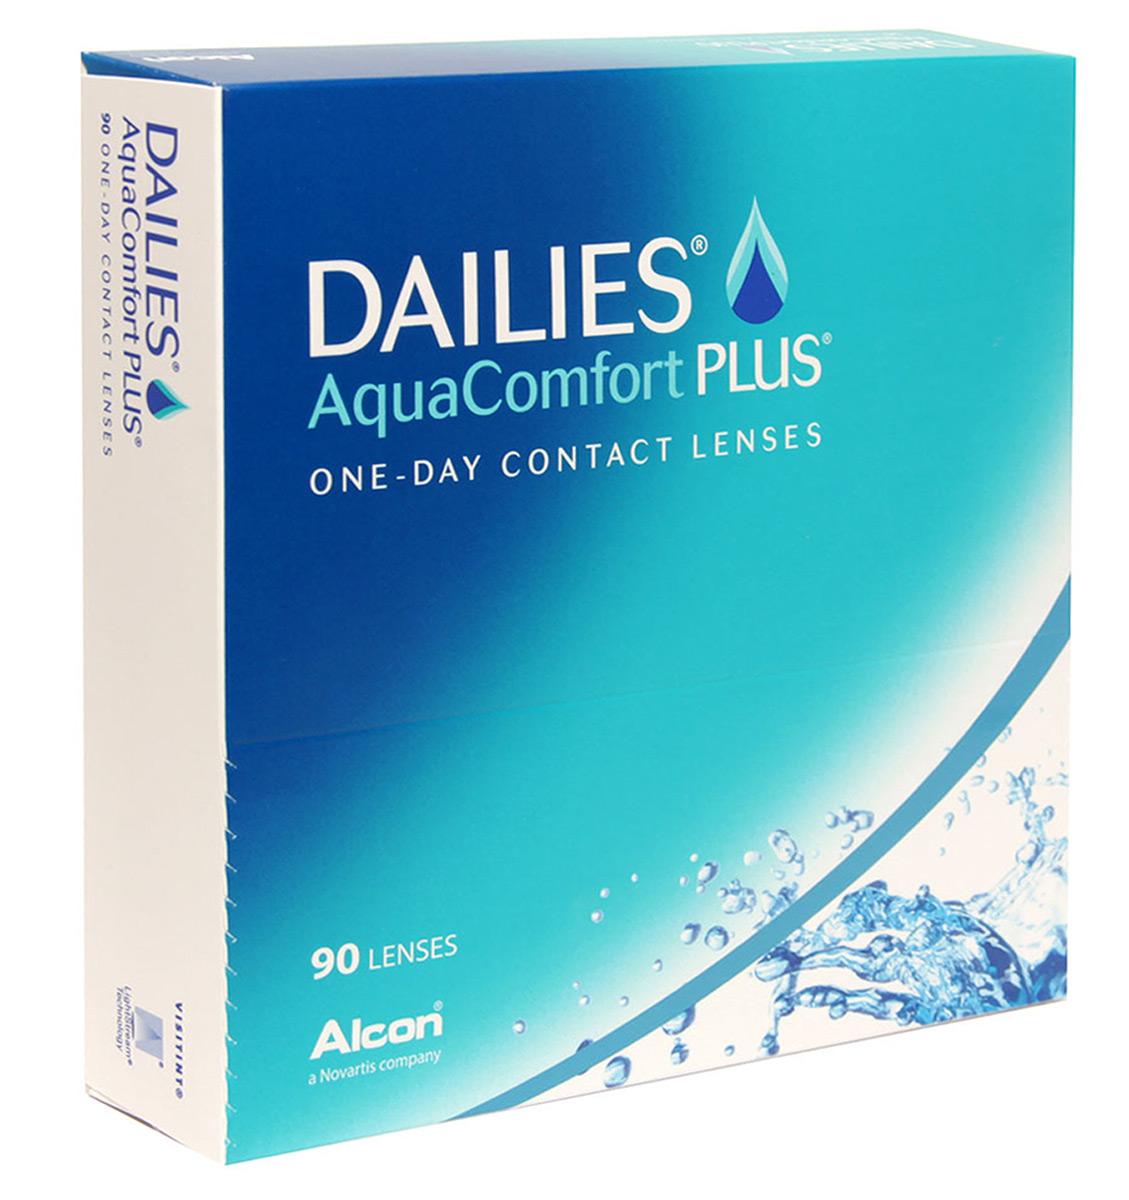 Alcon-CIBA Vision контактные линзы Dailies AquaComfort Plus (90шт / 8.7 / 14.0 / -2.00)38372Dailies AquaComfort Plus - это одни из самых популярных однодневных линз производства компании Ciba Vision. Эти линзы пользуются огромной популярностью во всем мире и являются на сегодняшний день самыми безопасными контактными линзами. Изготавливаются линзы из современного, 100% безопасного материала нелфилкон А. Особенность этого материала в том, что он легко пропускает воздух и хорошо сохраняет влагу. Однодневные контактные линзы Dailies AquaComfort Plus не нуждаются в дополнительном уходе и затратах, каждый день вы надеваете свежую пару линз. Дизайн линзы биосовместимый, что гарантирует безупречный комфорт. Самое главное достоинство Dailies AquaComfort Plus - это их уникальная система увлажнения. Благодаря этой разработке линзы увлажняются тремя различными агентами. Первый компонент, ухаживающий за линзами, находится в растворе, он как бы обволакивает линзу, обеспечивая чрезвычайно комфортное надевание. Второй агент выделяется на протяжении всего дня, он...